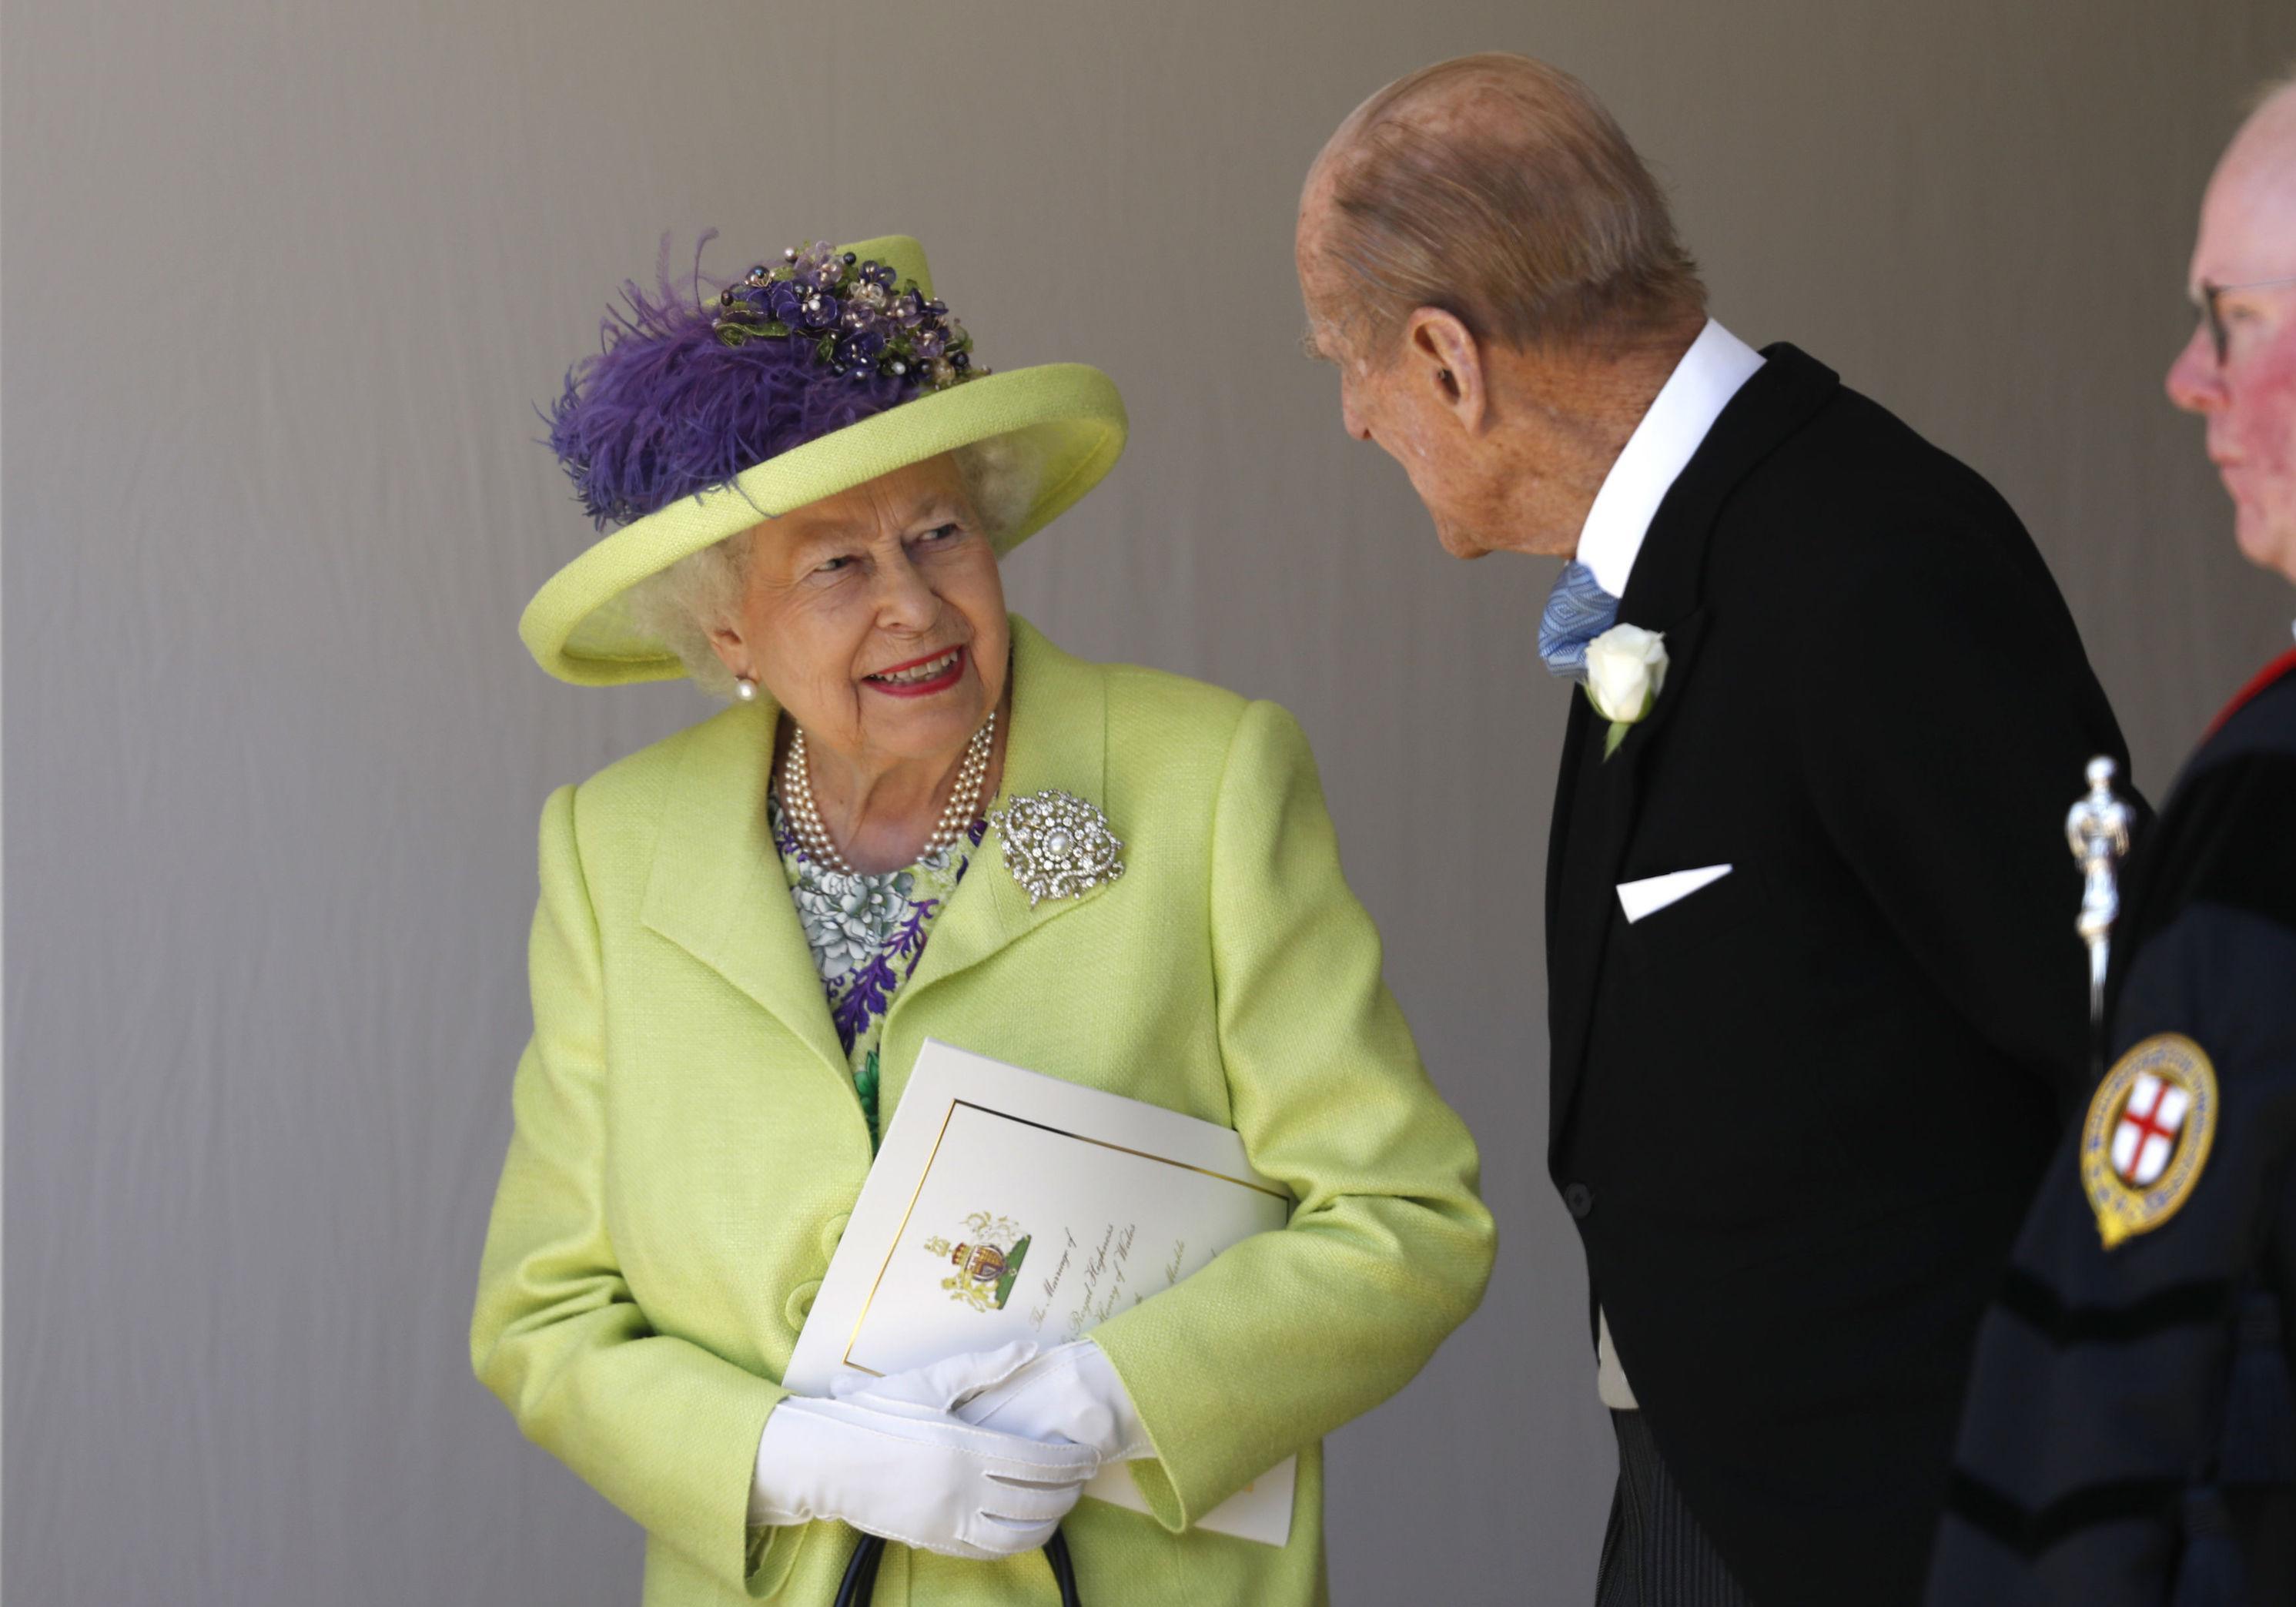 Mariage du prince Harry et Meghan Markle  la reine Élizabeth II très  élégante pour le Jour J , Elle